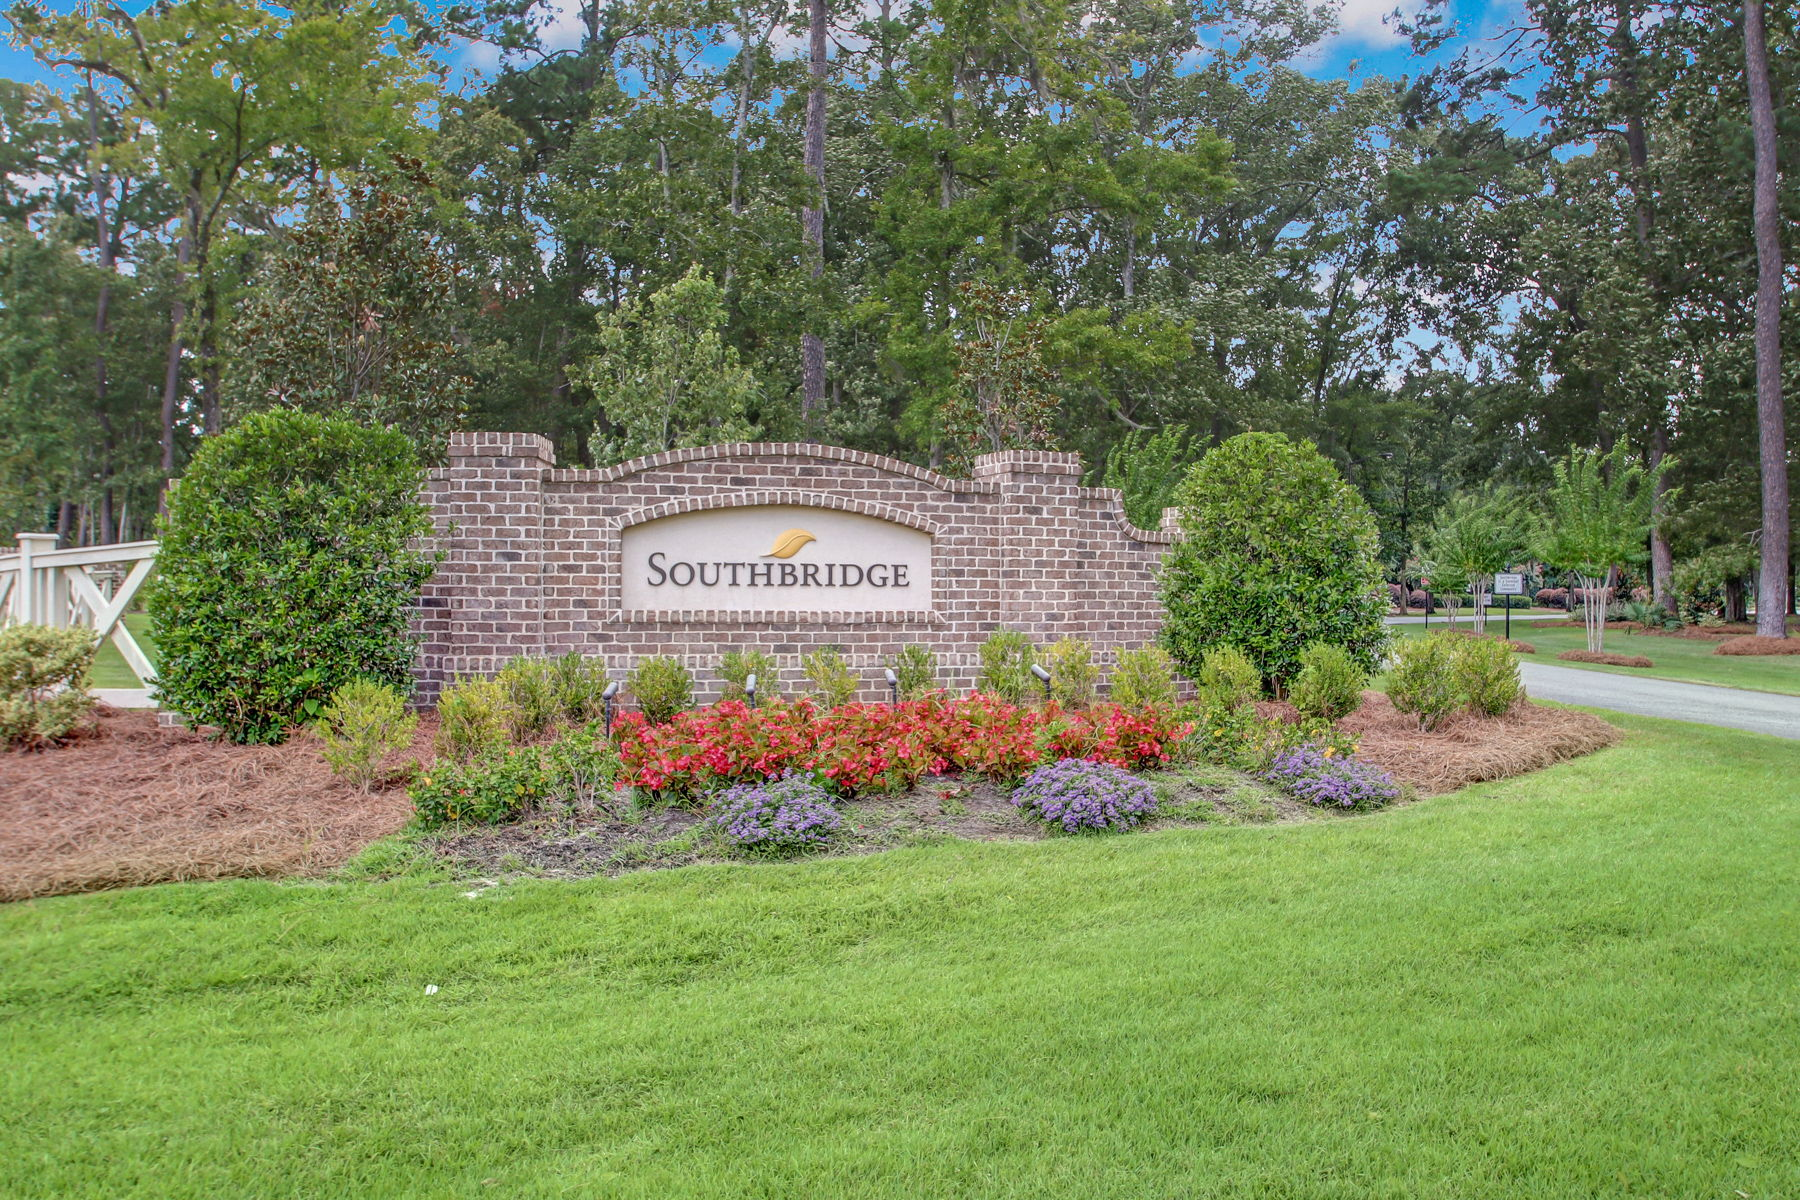 Southbridge